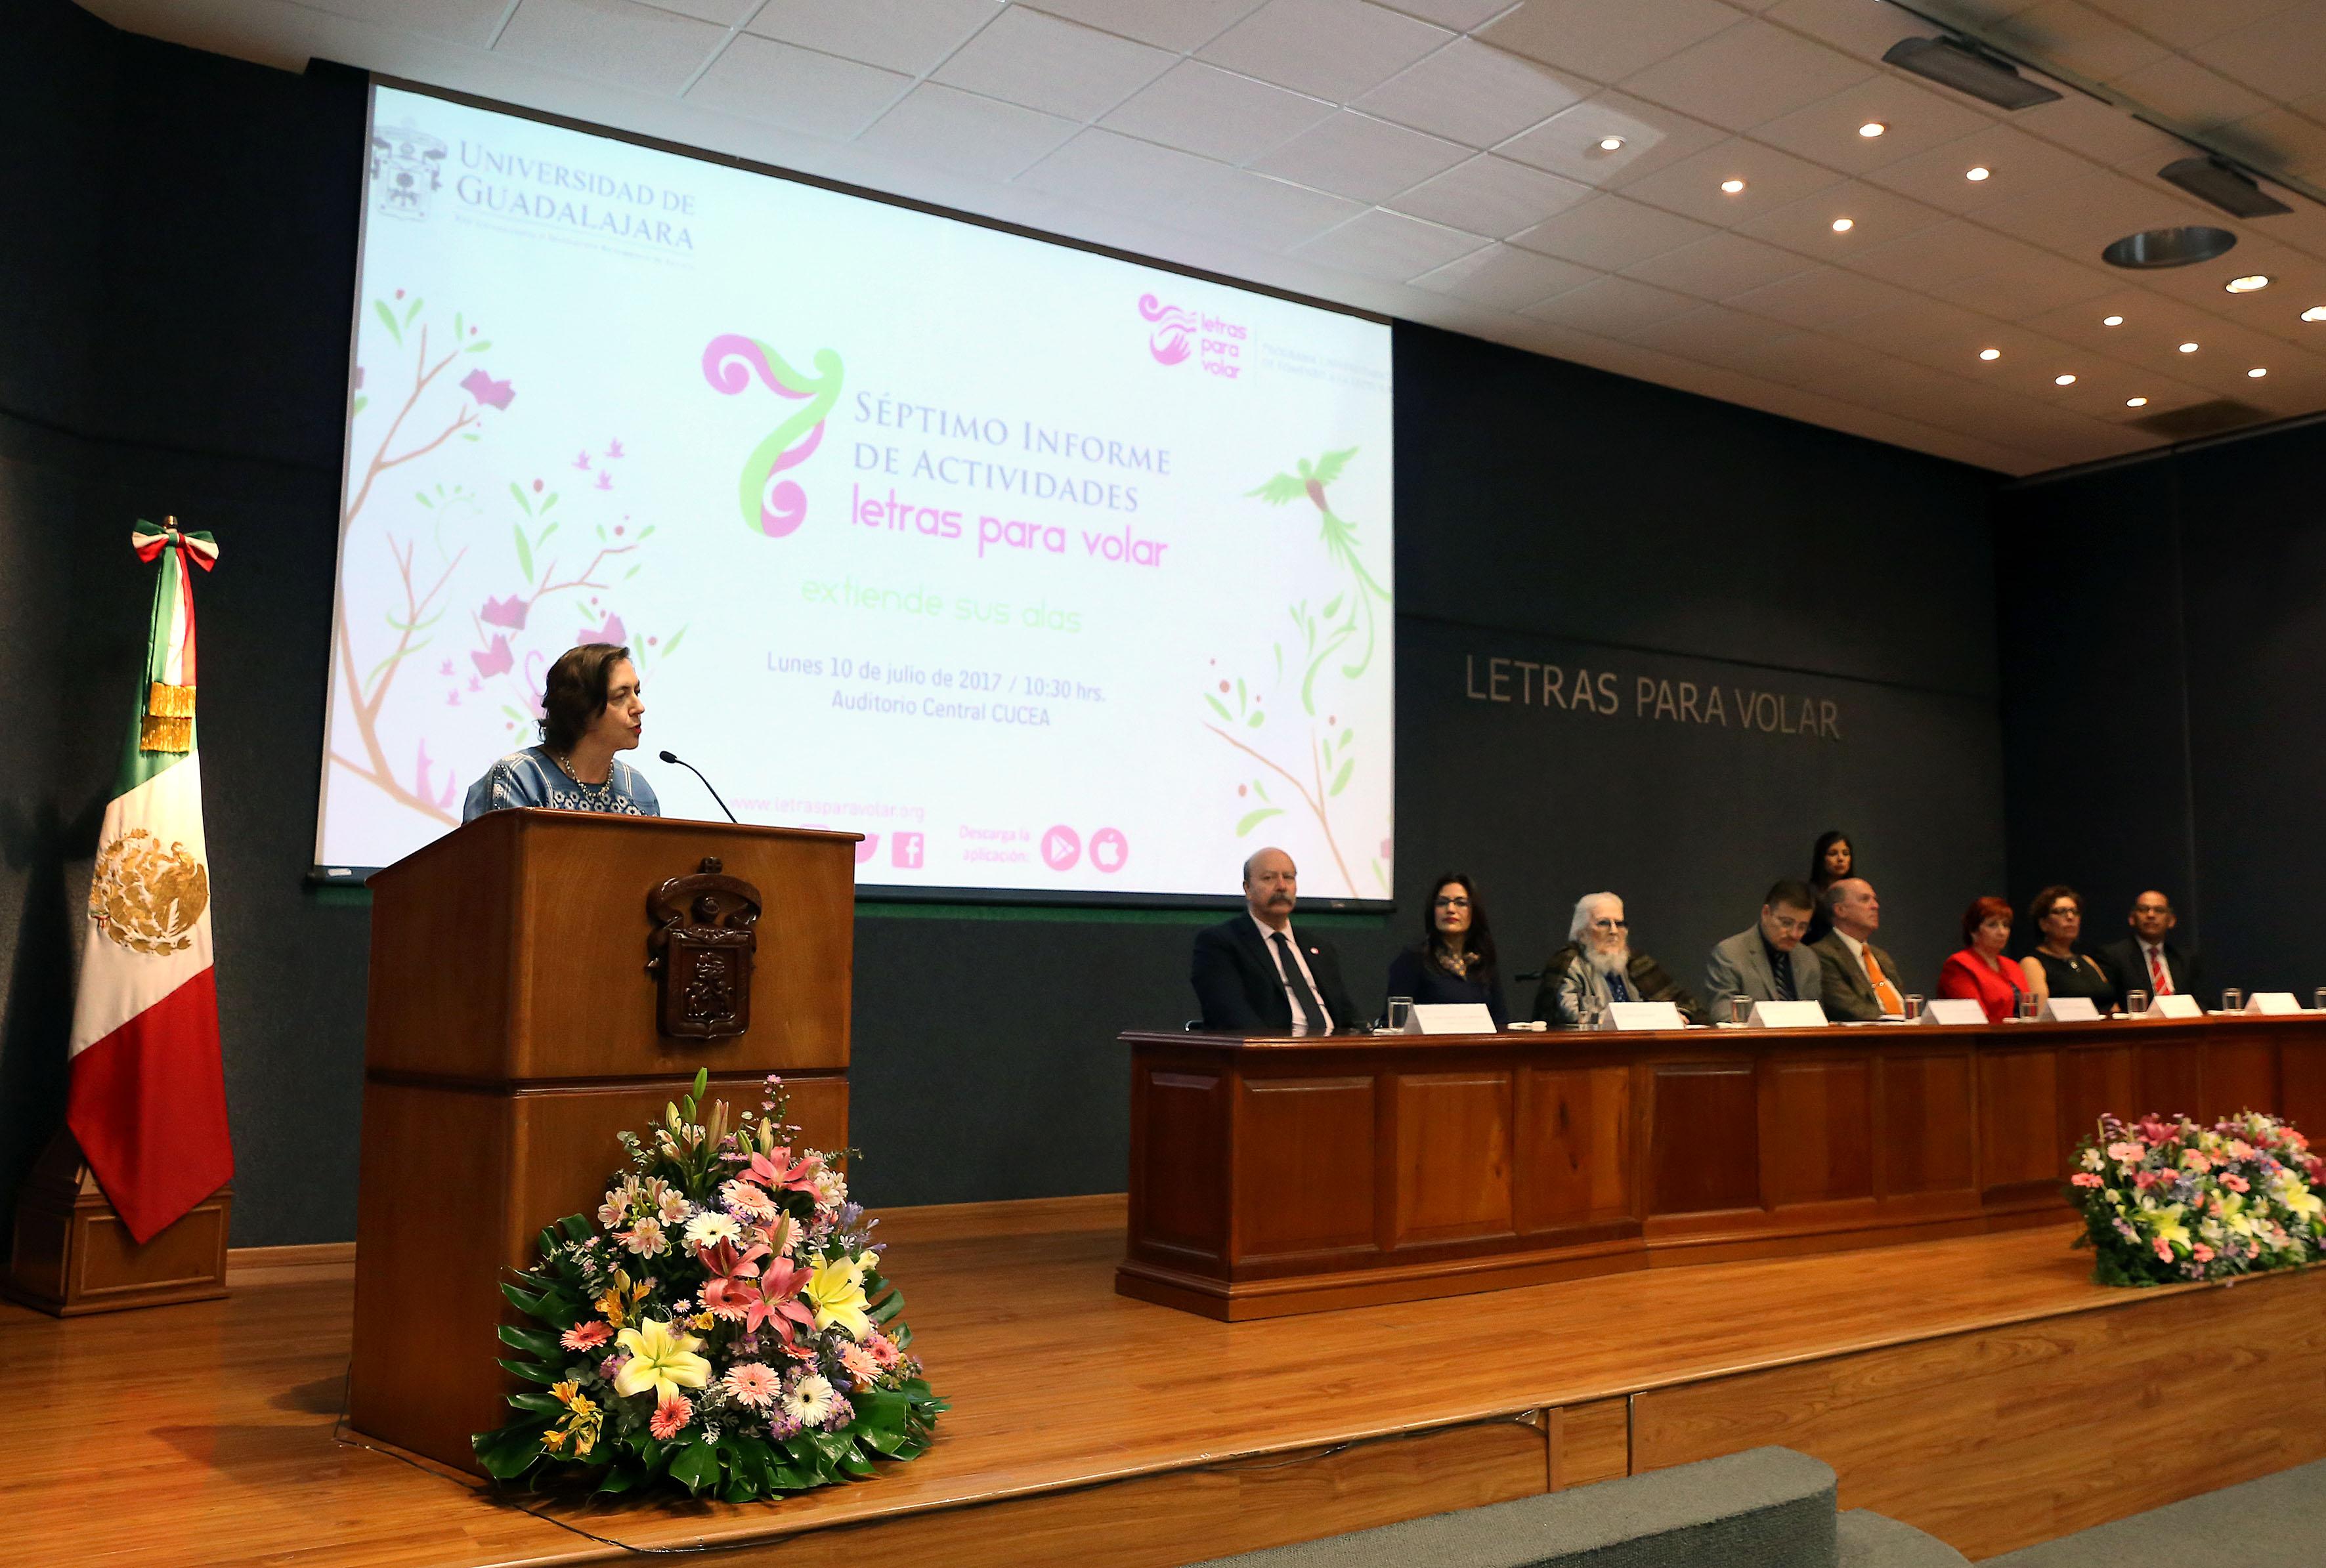 La poeta Carmen Villoro, en podium del evento haciendo uso de la palabra.